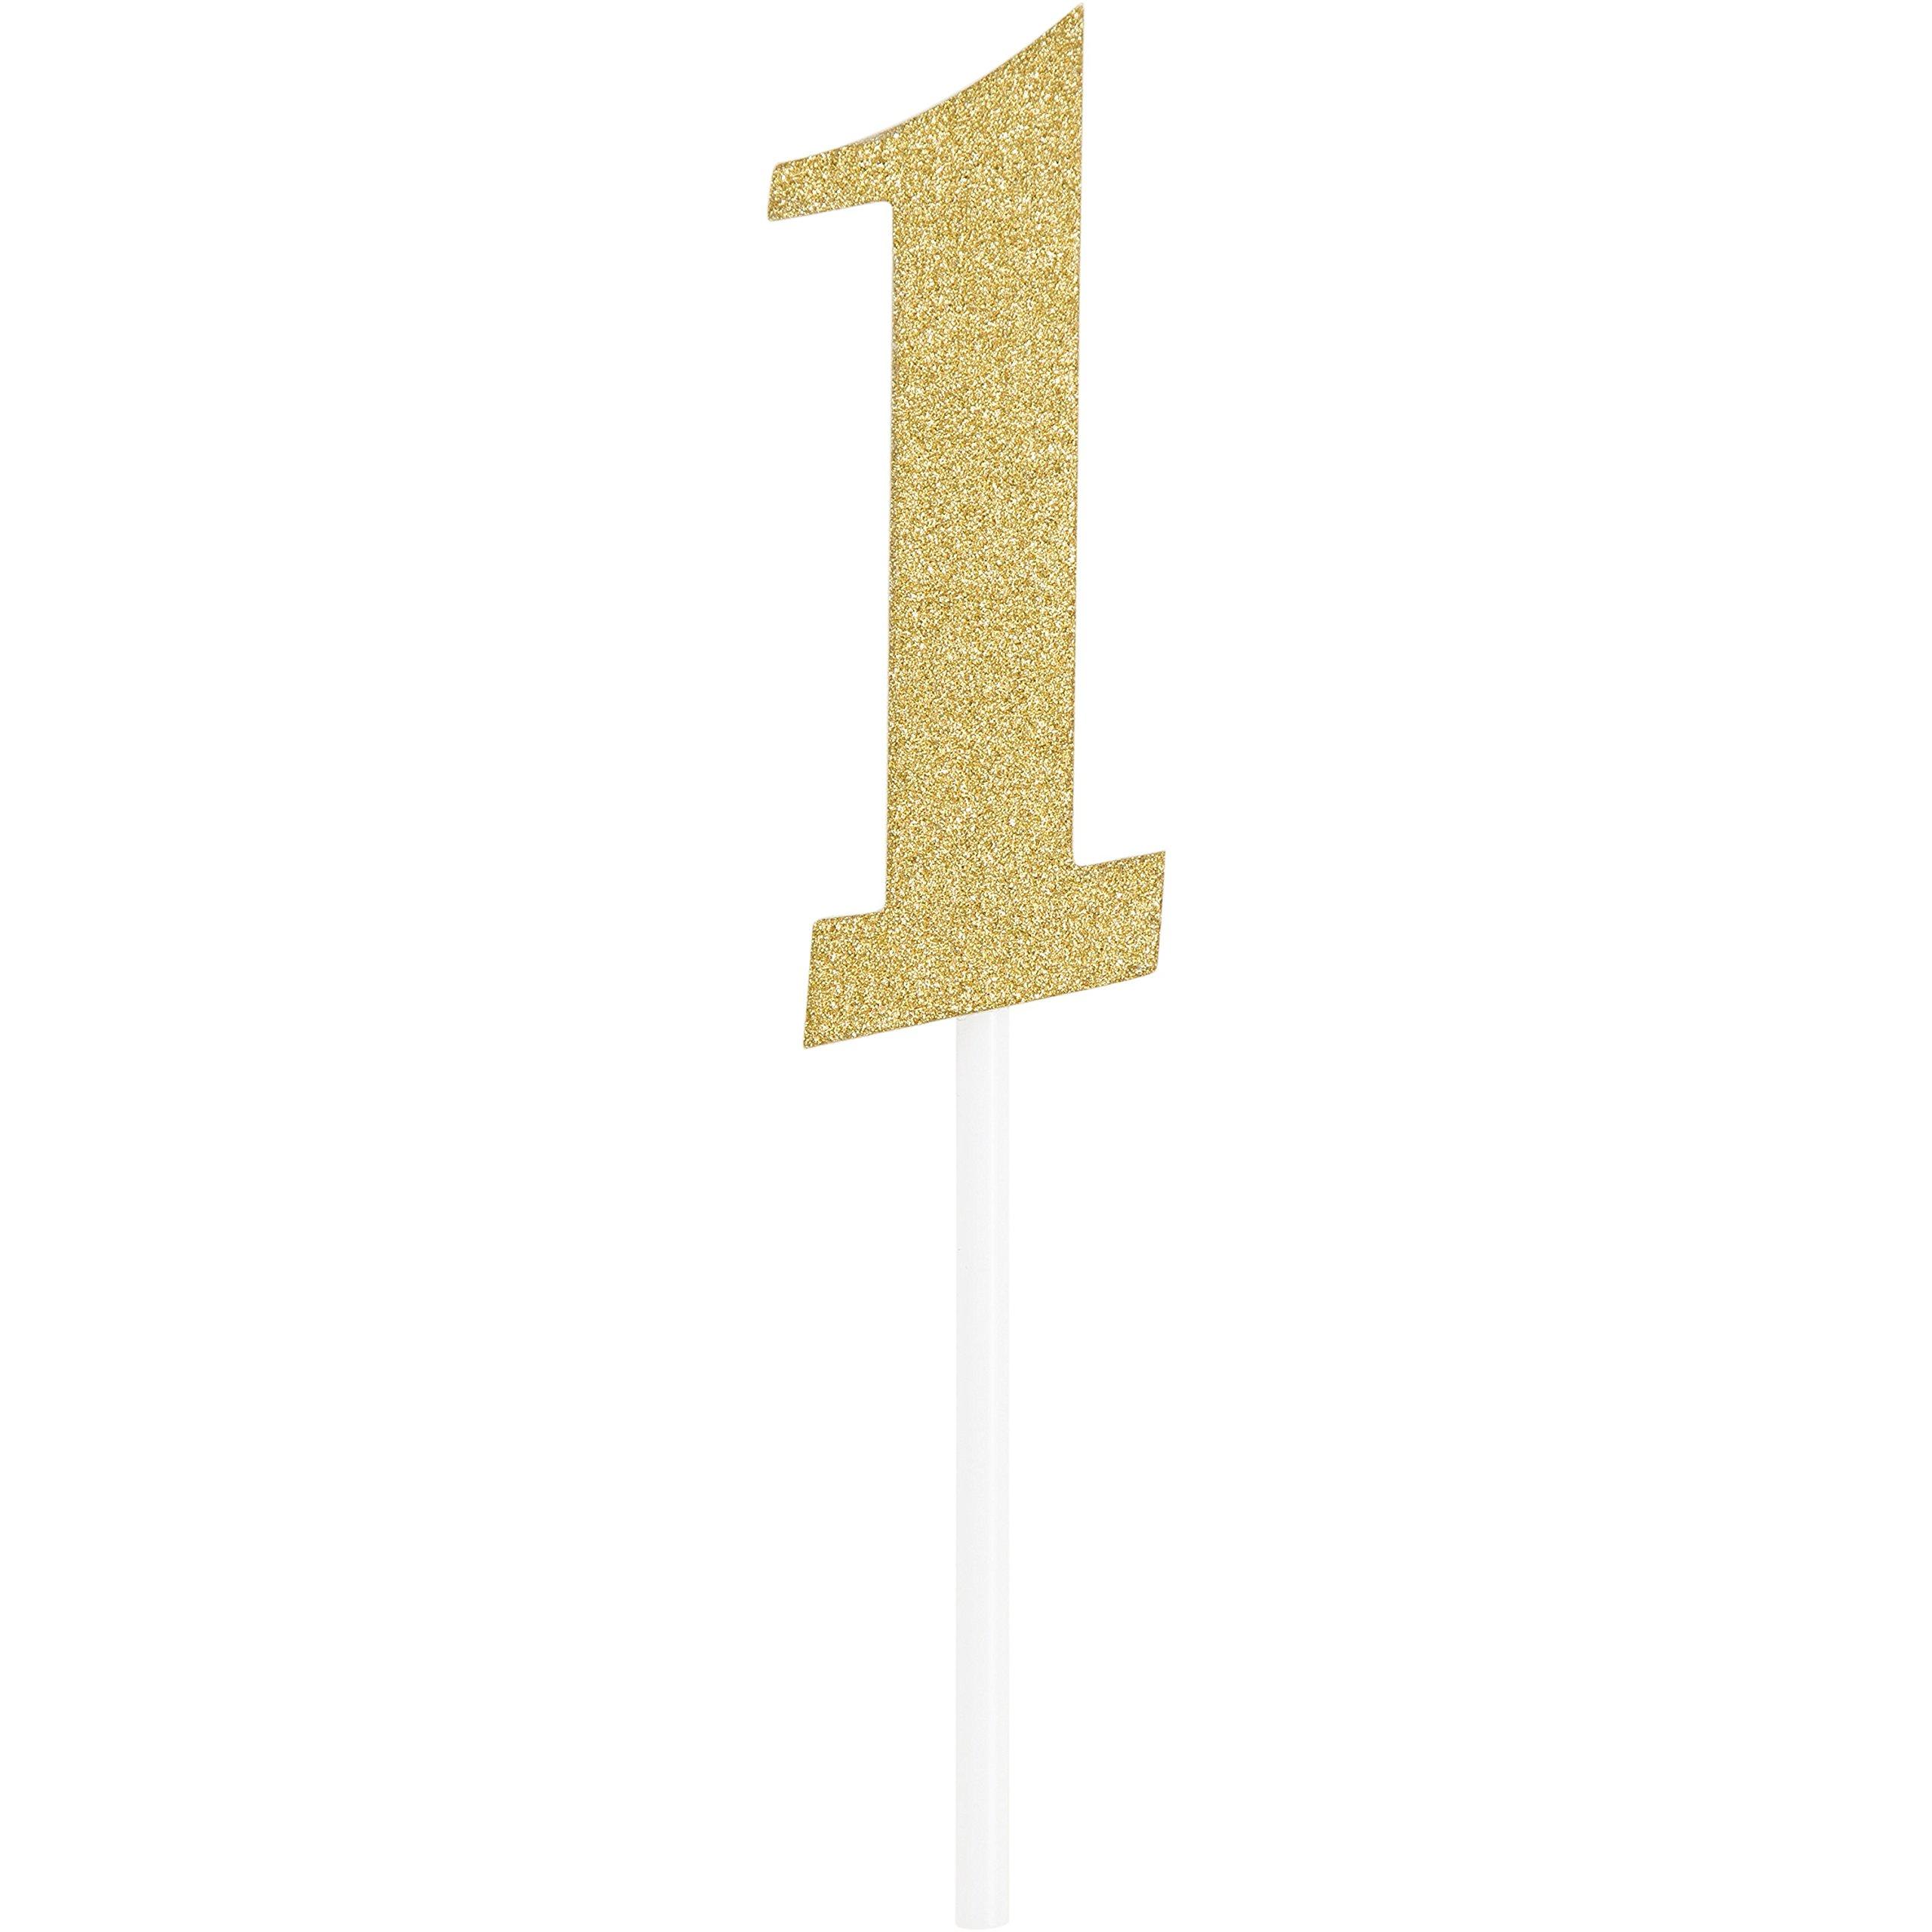 Creative Converting 324542 Gold Glitter# 1 Cake topper 6'' x 1 1/4'',